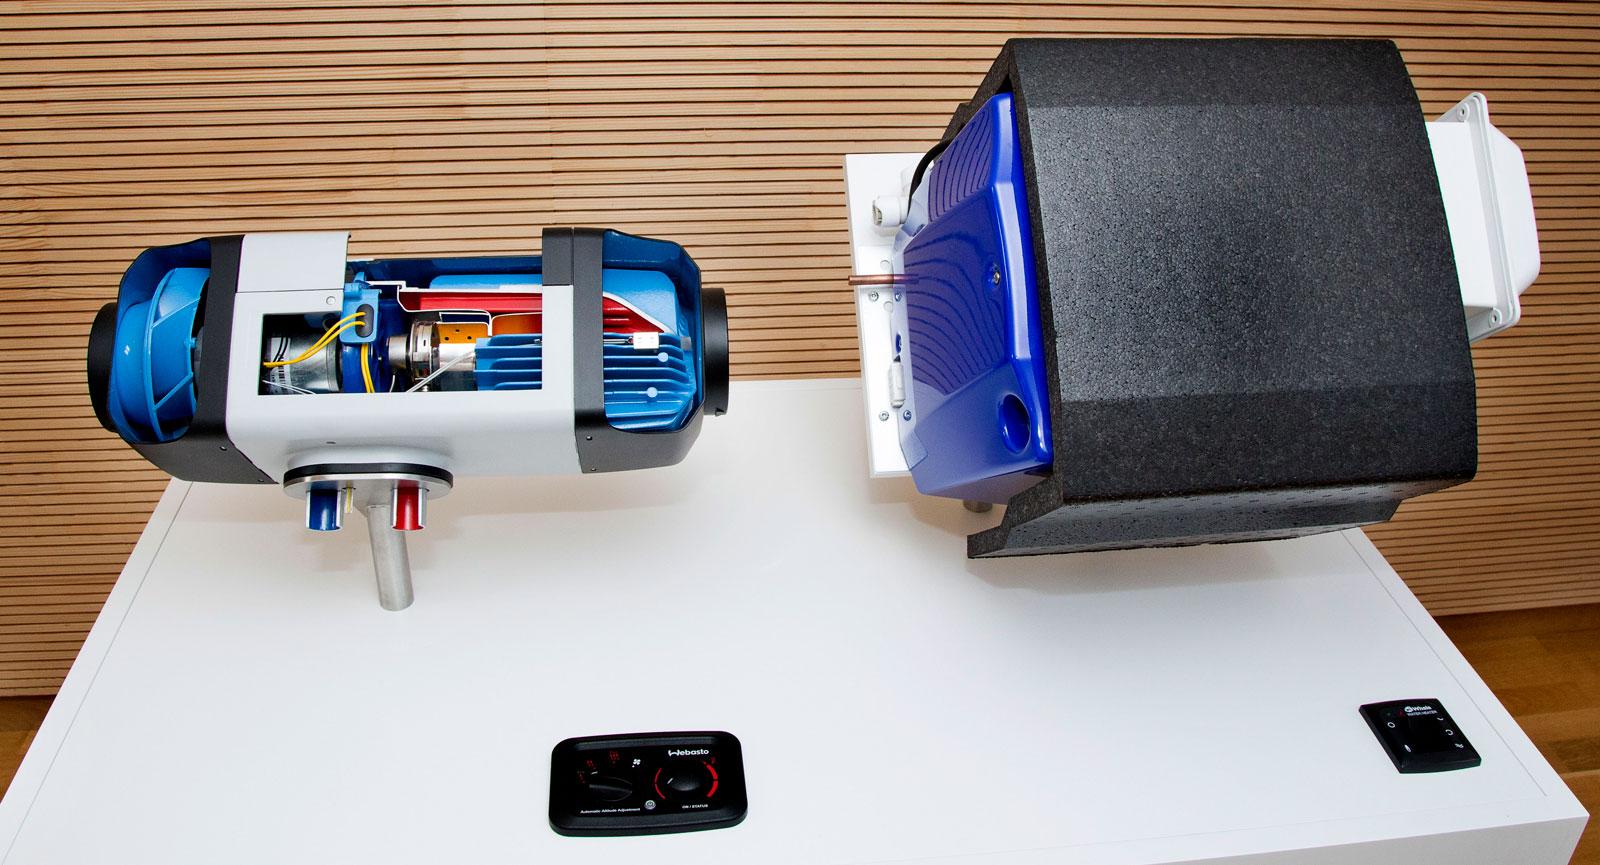 Panna. Dieselpanna från Webasto till vänster och boiler från Whale till höger. Här monterat för visning hos Webasto i Tyskland.